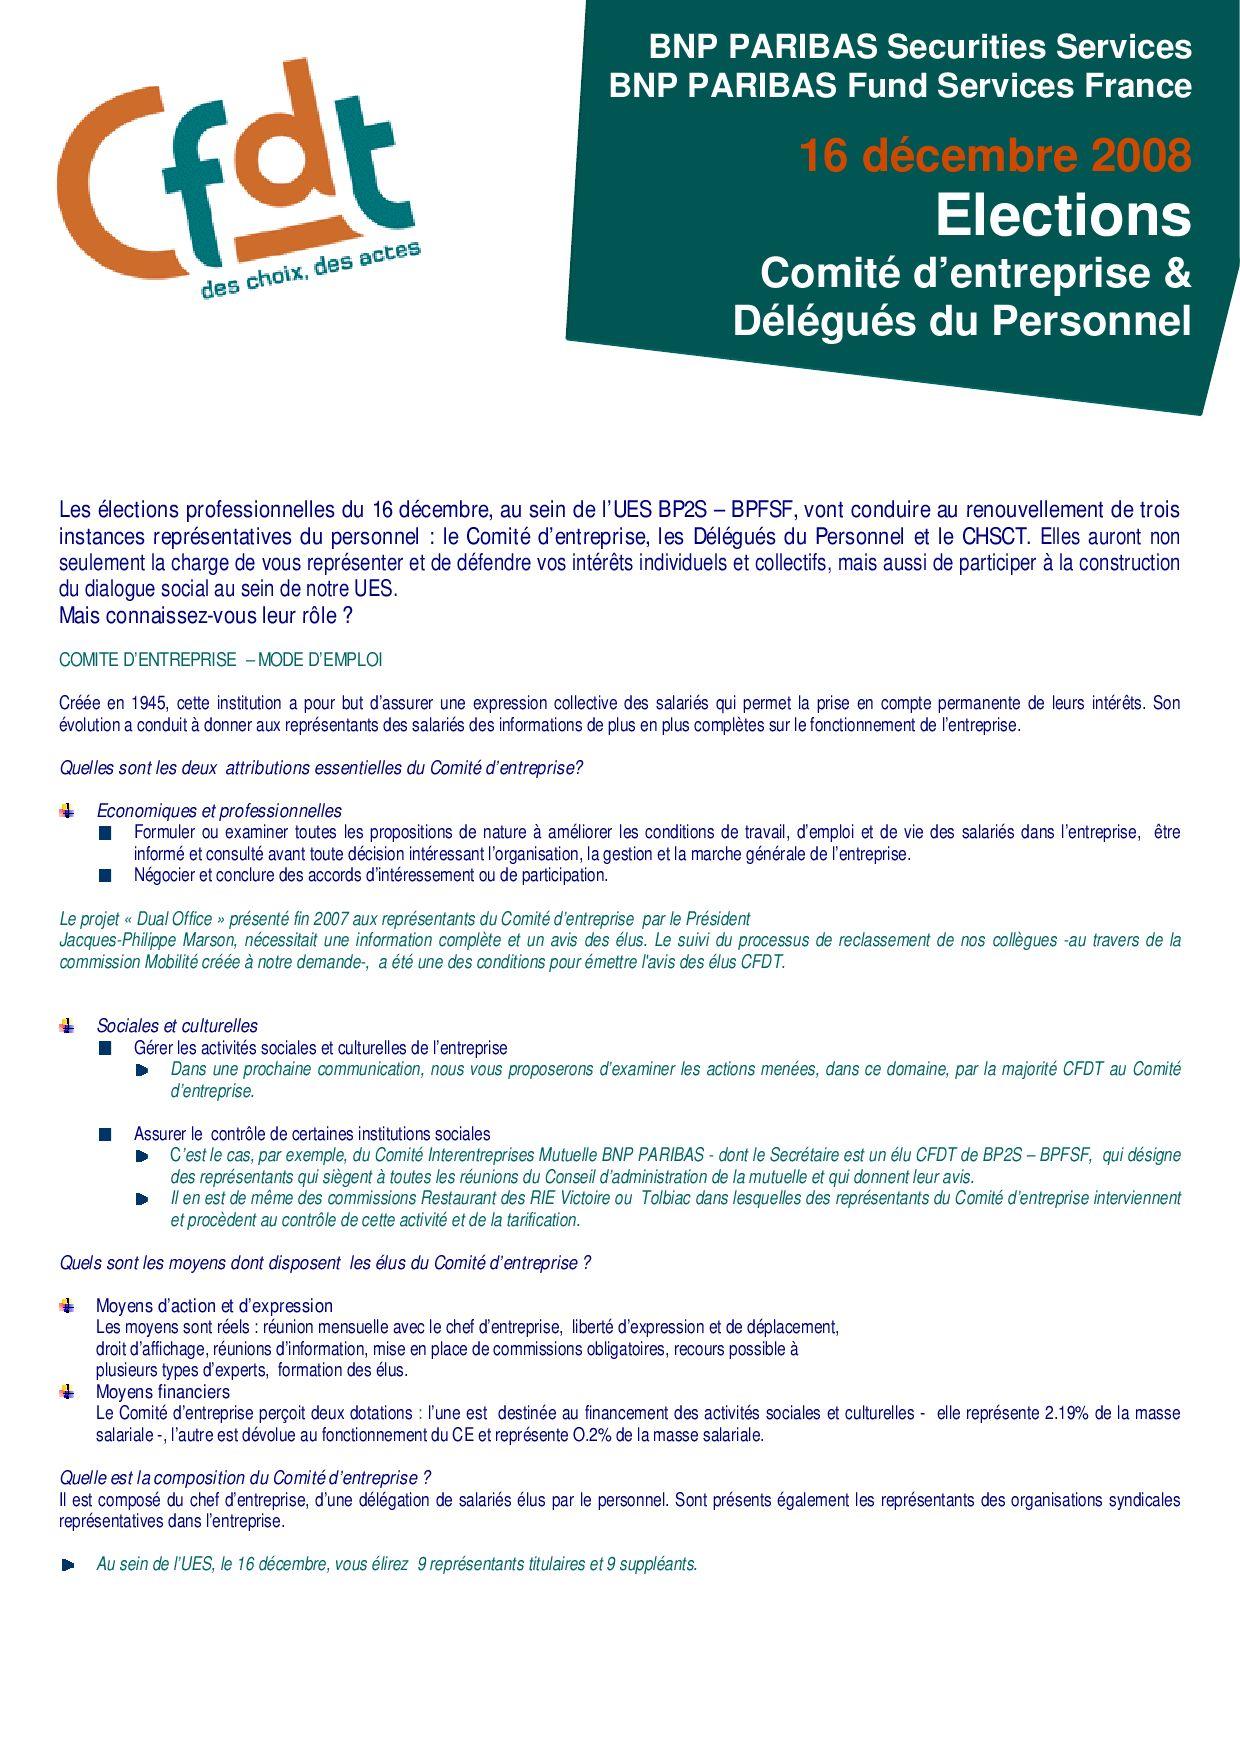 f445a707a57 Recueil des documents édités pendant la campagne des élections DP CE du 16  décembre by BPSS BPFS CFDT - issuu